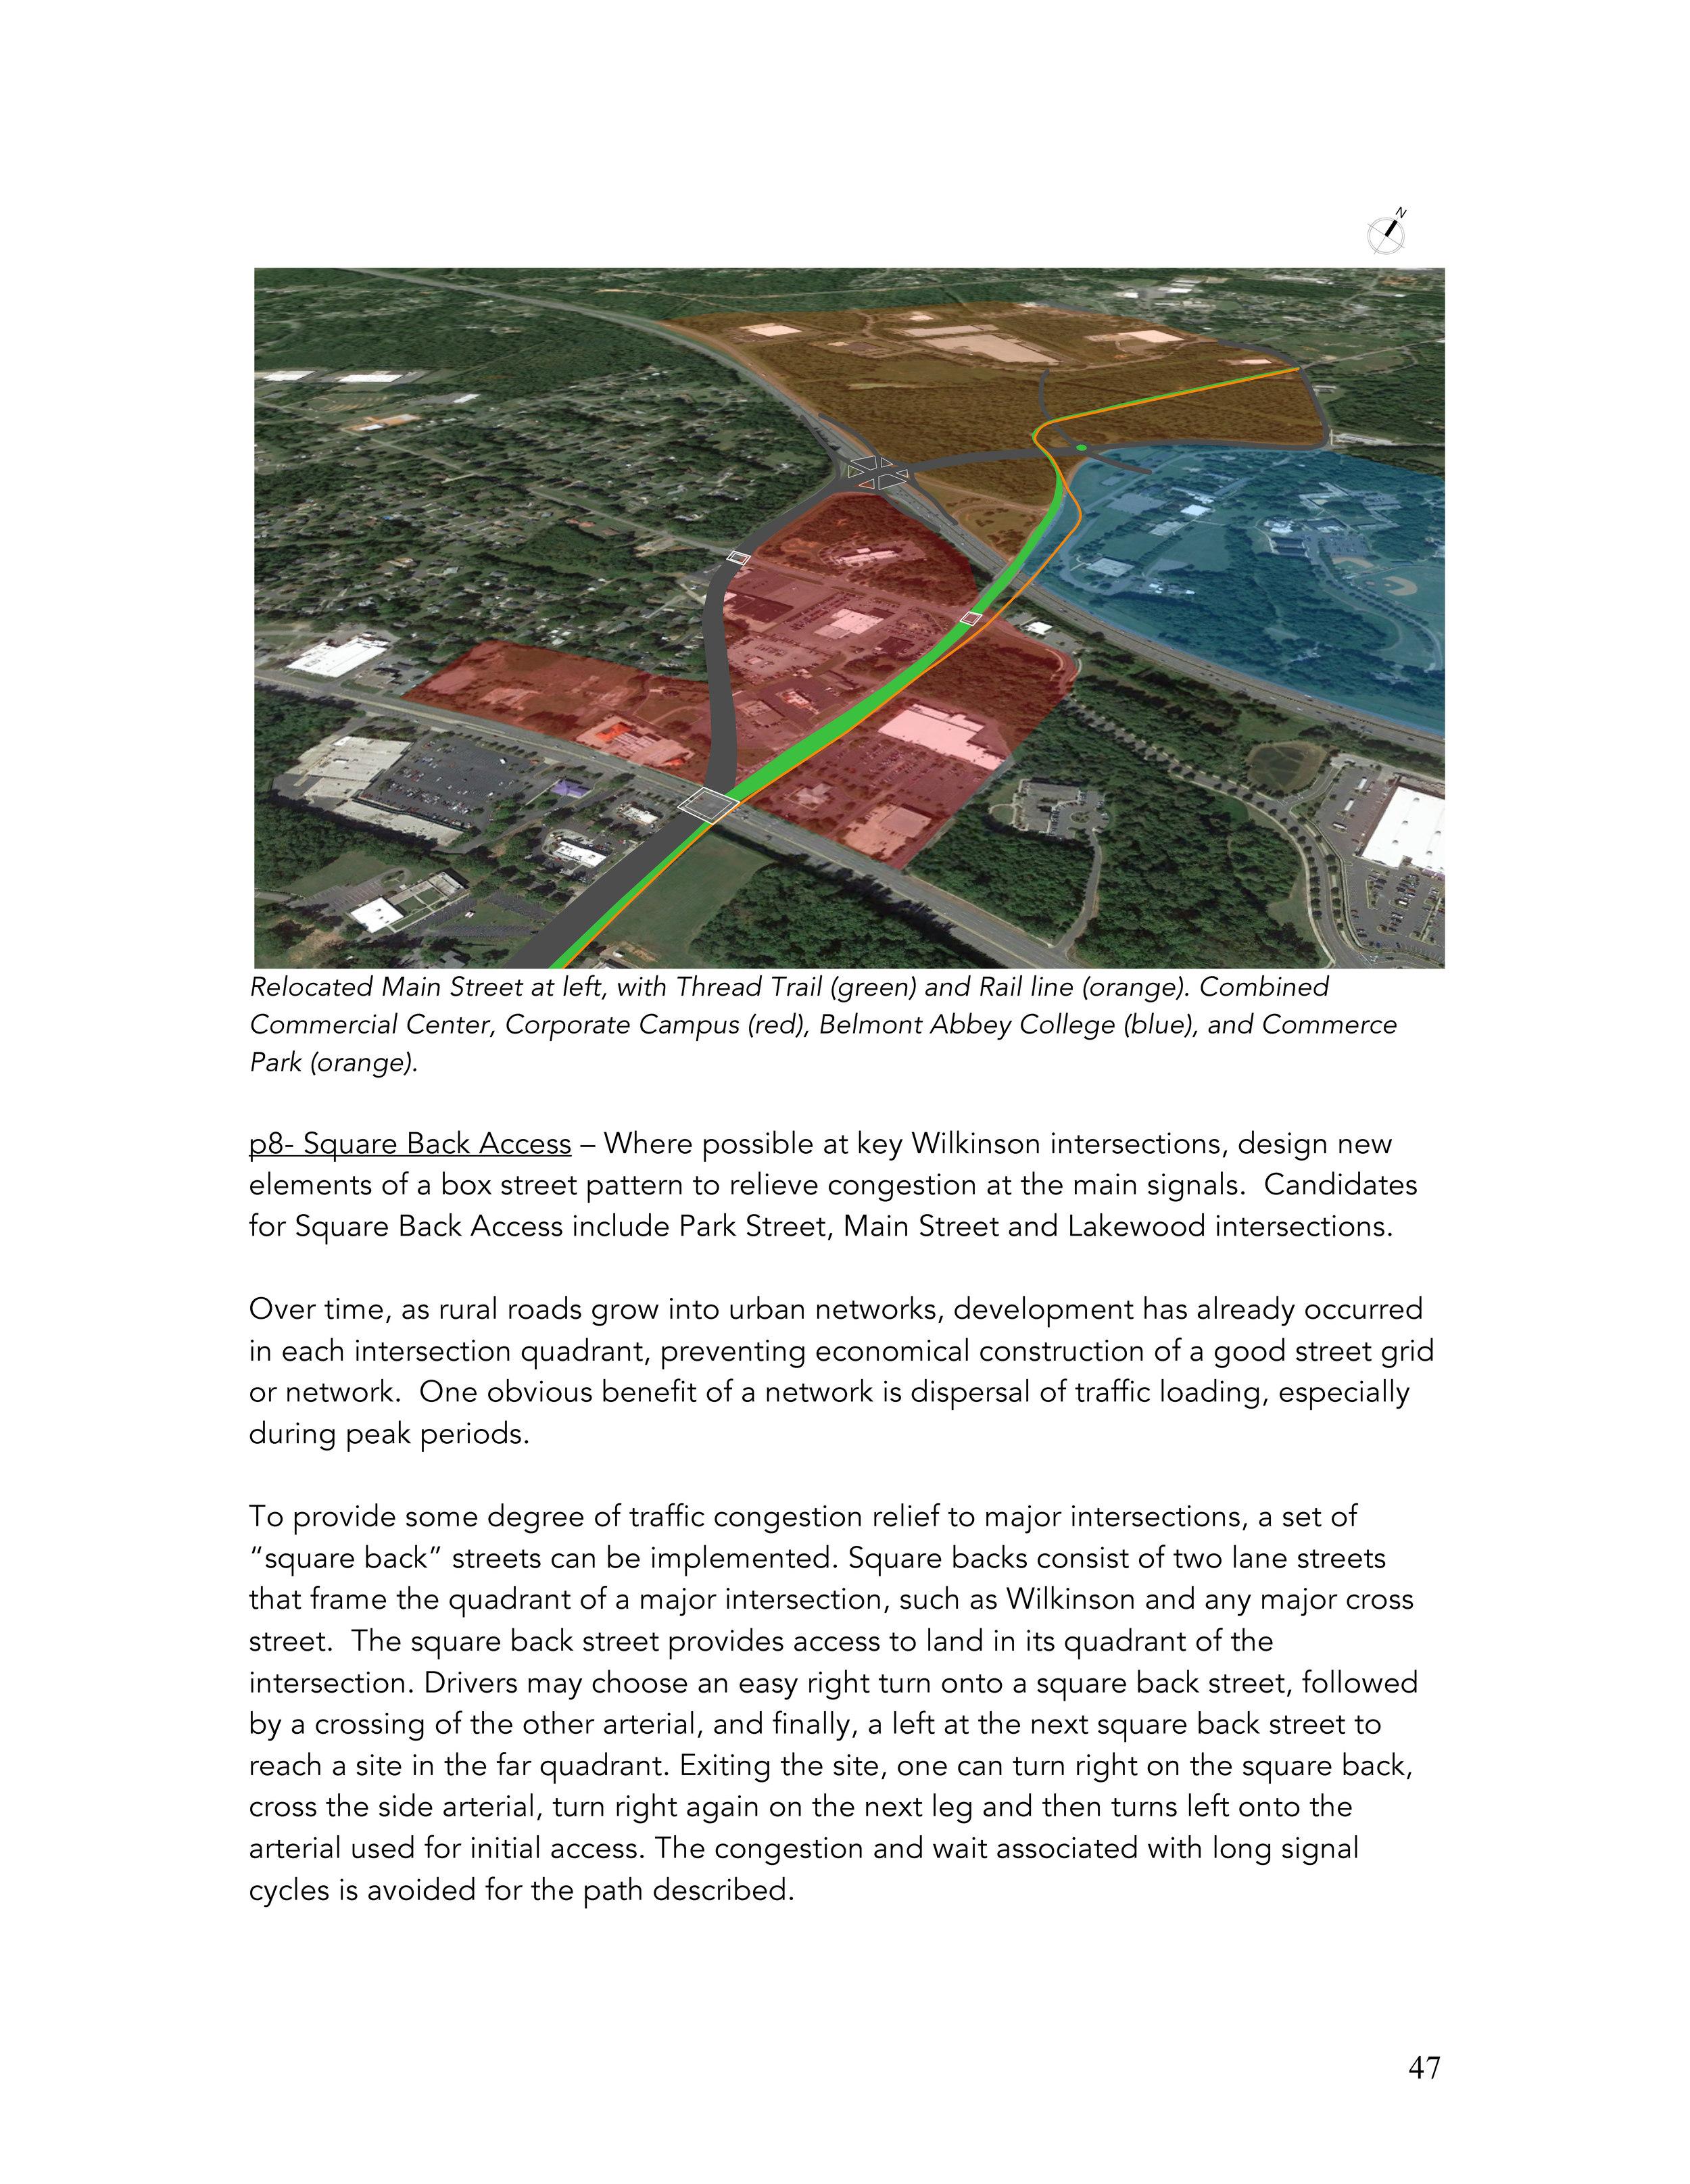 1 WilkinsonBlvd Draft Report 1-22-15 RH_Peter Edit_Page_47.jpg